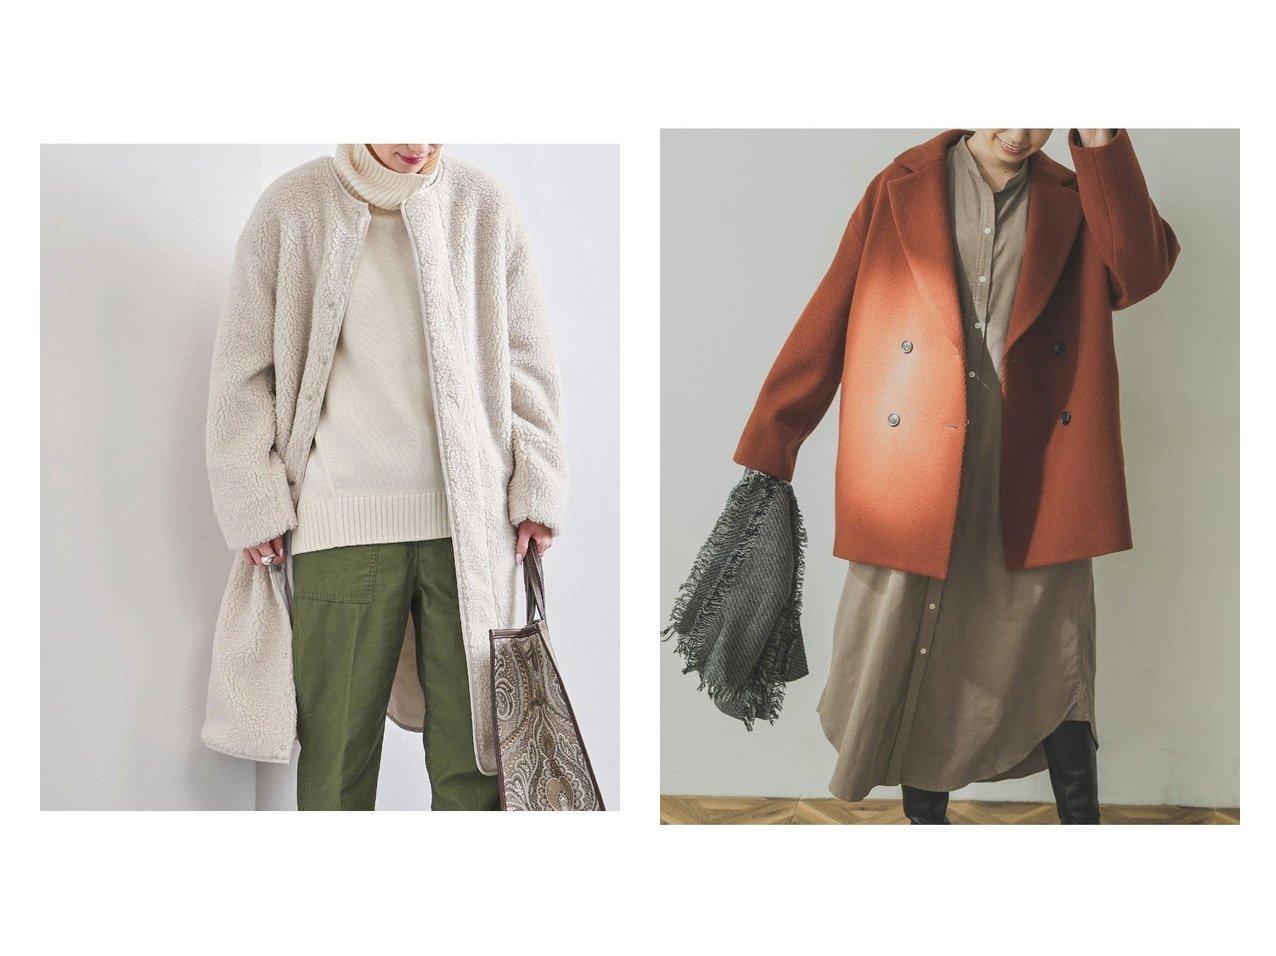 【UNITED ARROWS/ユナイテッドアローズ】のAC ボア ノーカラーコート†&【URBAN RESEARCH/アーバンリサーチ】のショート丈Pコート アウターのおすすめ!人気、レディースファッションの通販 おすすめで人気のファッション通販商品 インテリア・家具・キッズファッション・メンズファッション・レディースファッション・服の通販 founy(ファニー) https://founy.com/ ファッション Fashion レディース WOMEN アウター Coat Outerwear コート Coats ジャケット Jackets Pコート Pea Coats ジャケット パイピング フロント ポケット ロング ショート スタンダード チェック トレンド 冬 Winter |ID:crp329100000002898